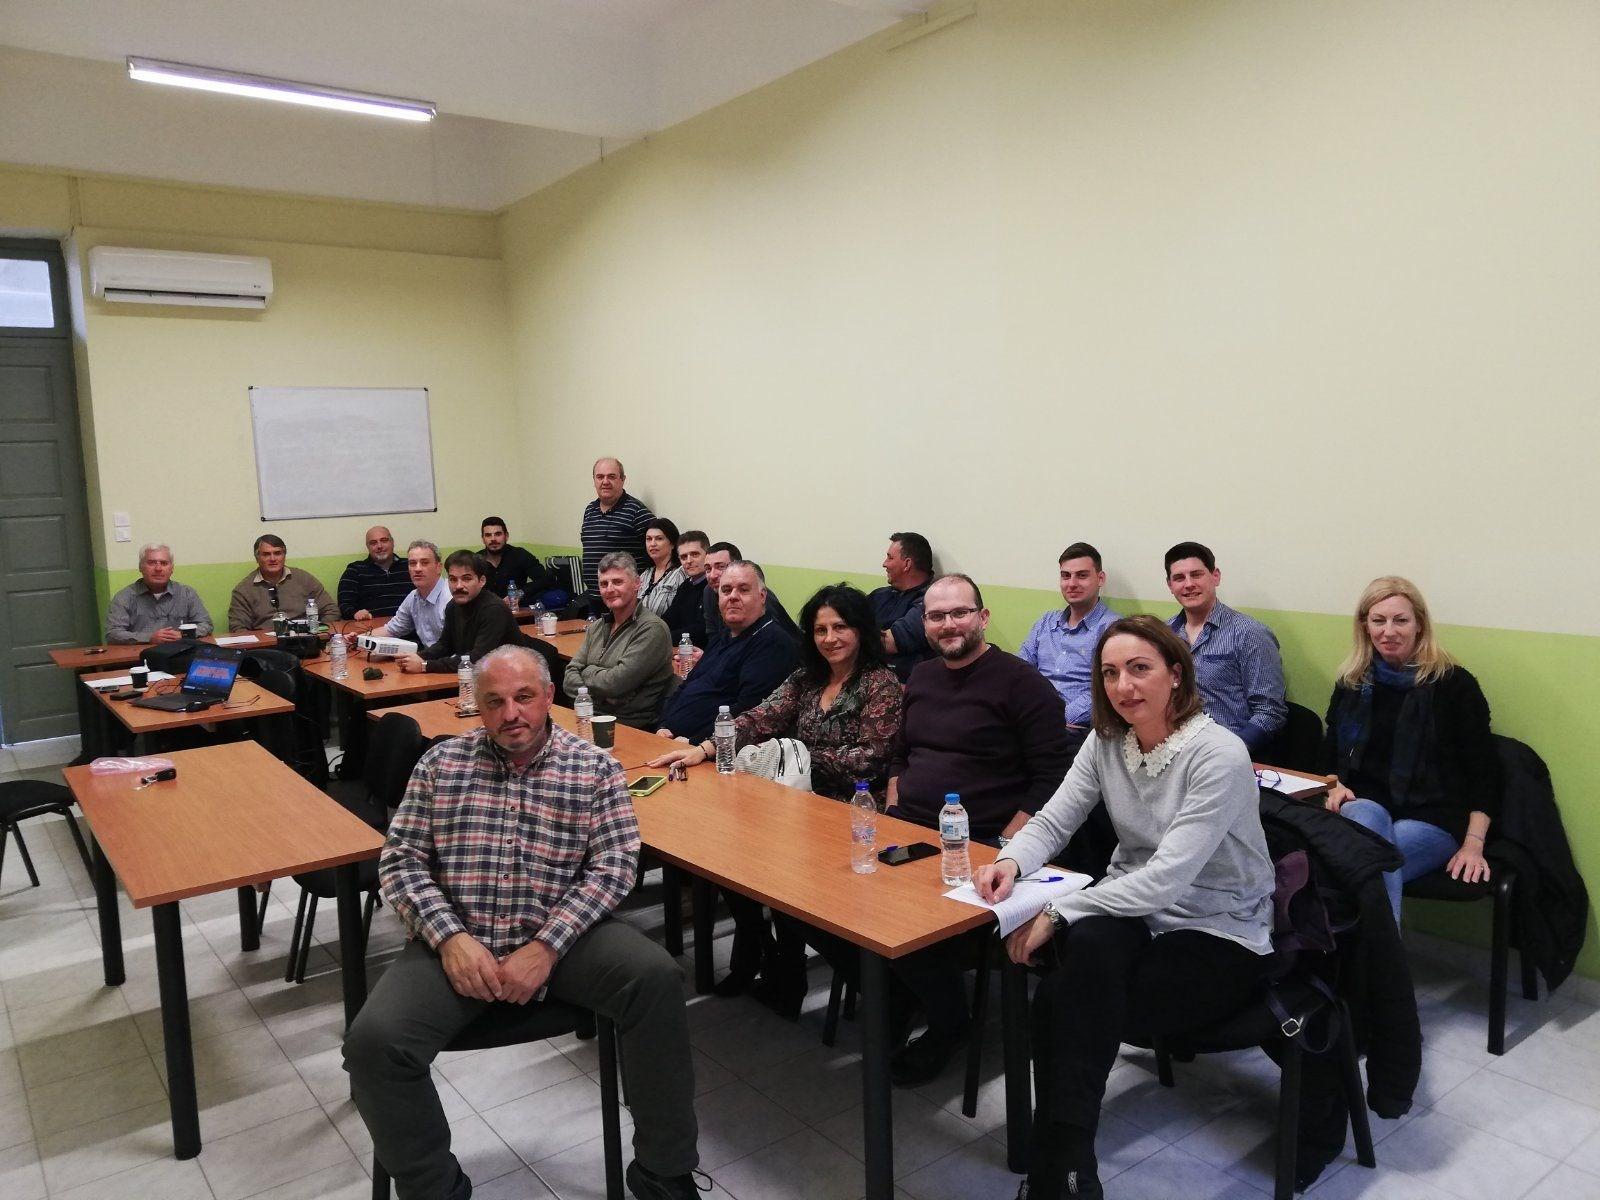 , ΒΟΛΕΙ: Τεχνική συγκέντρωση διαιτητών στην Καλαμάτα